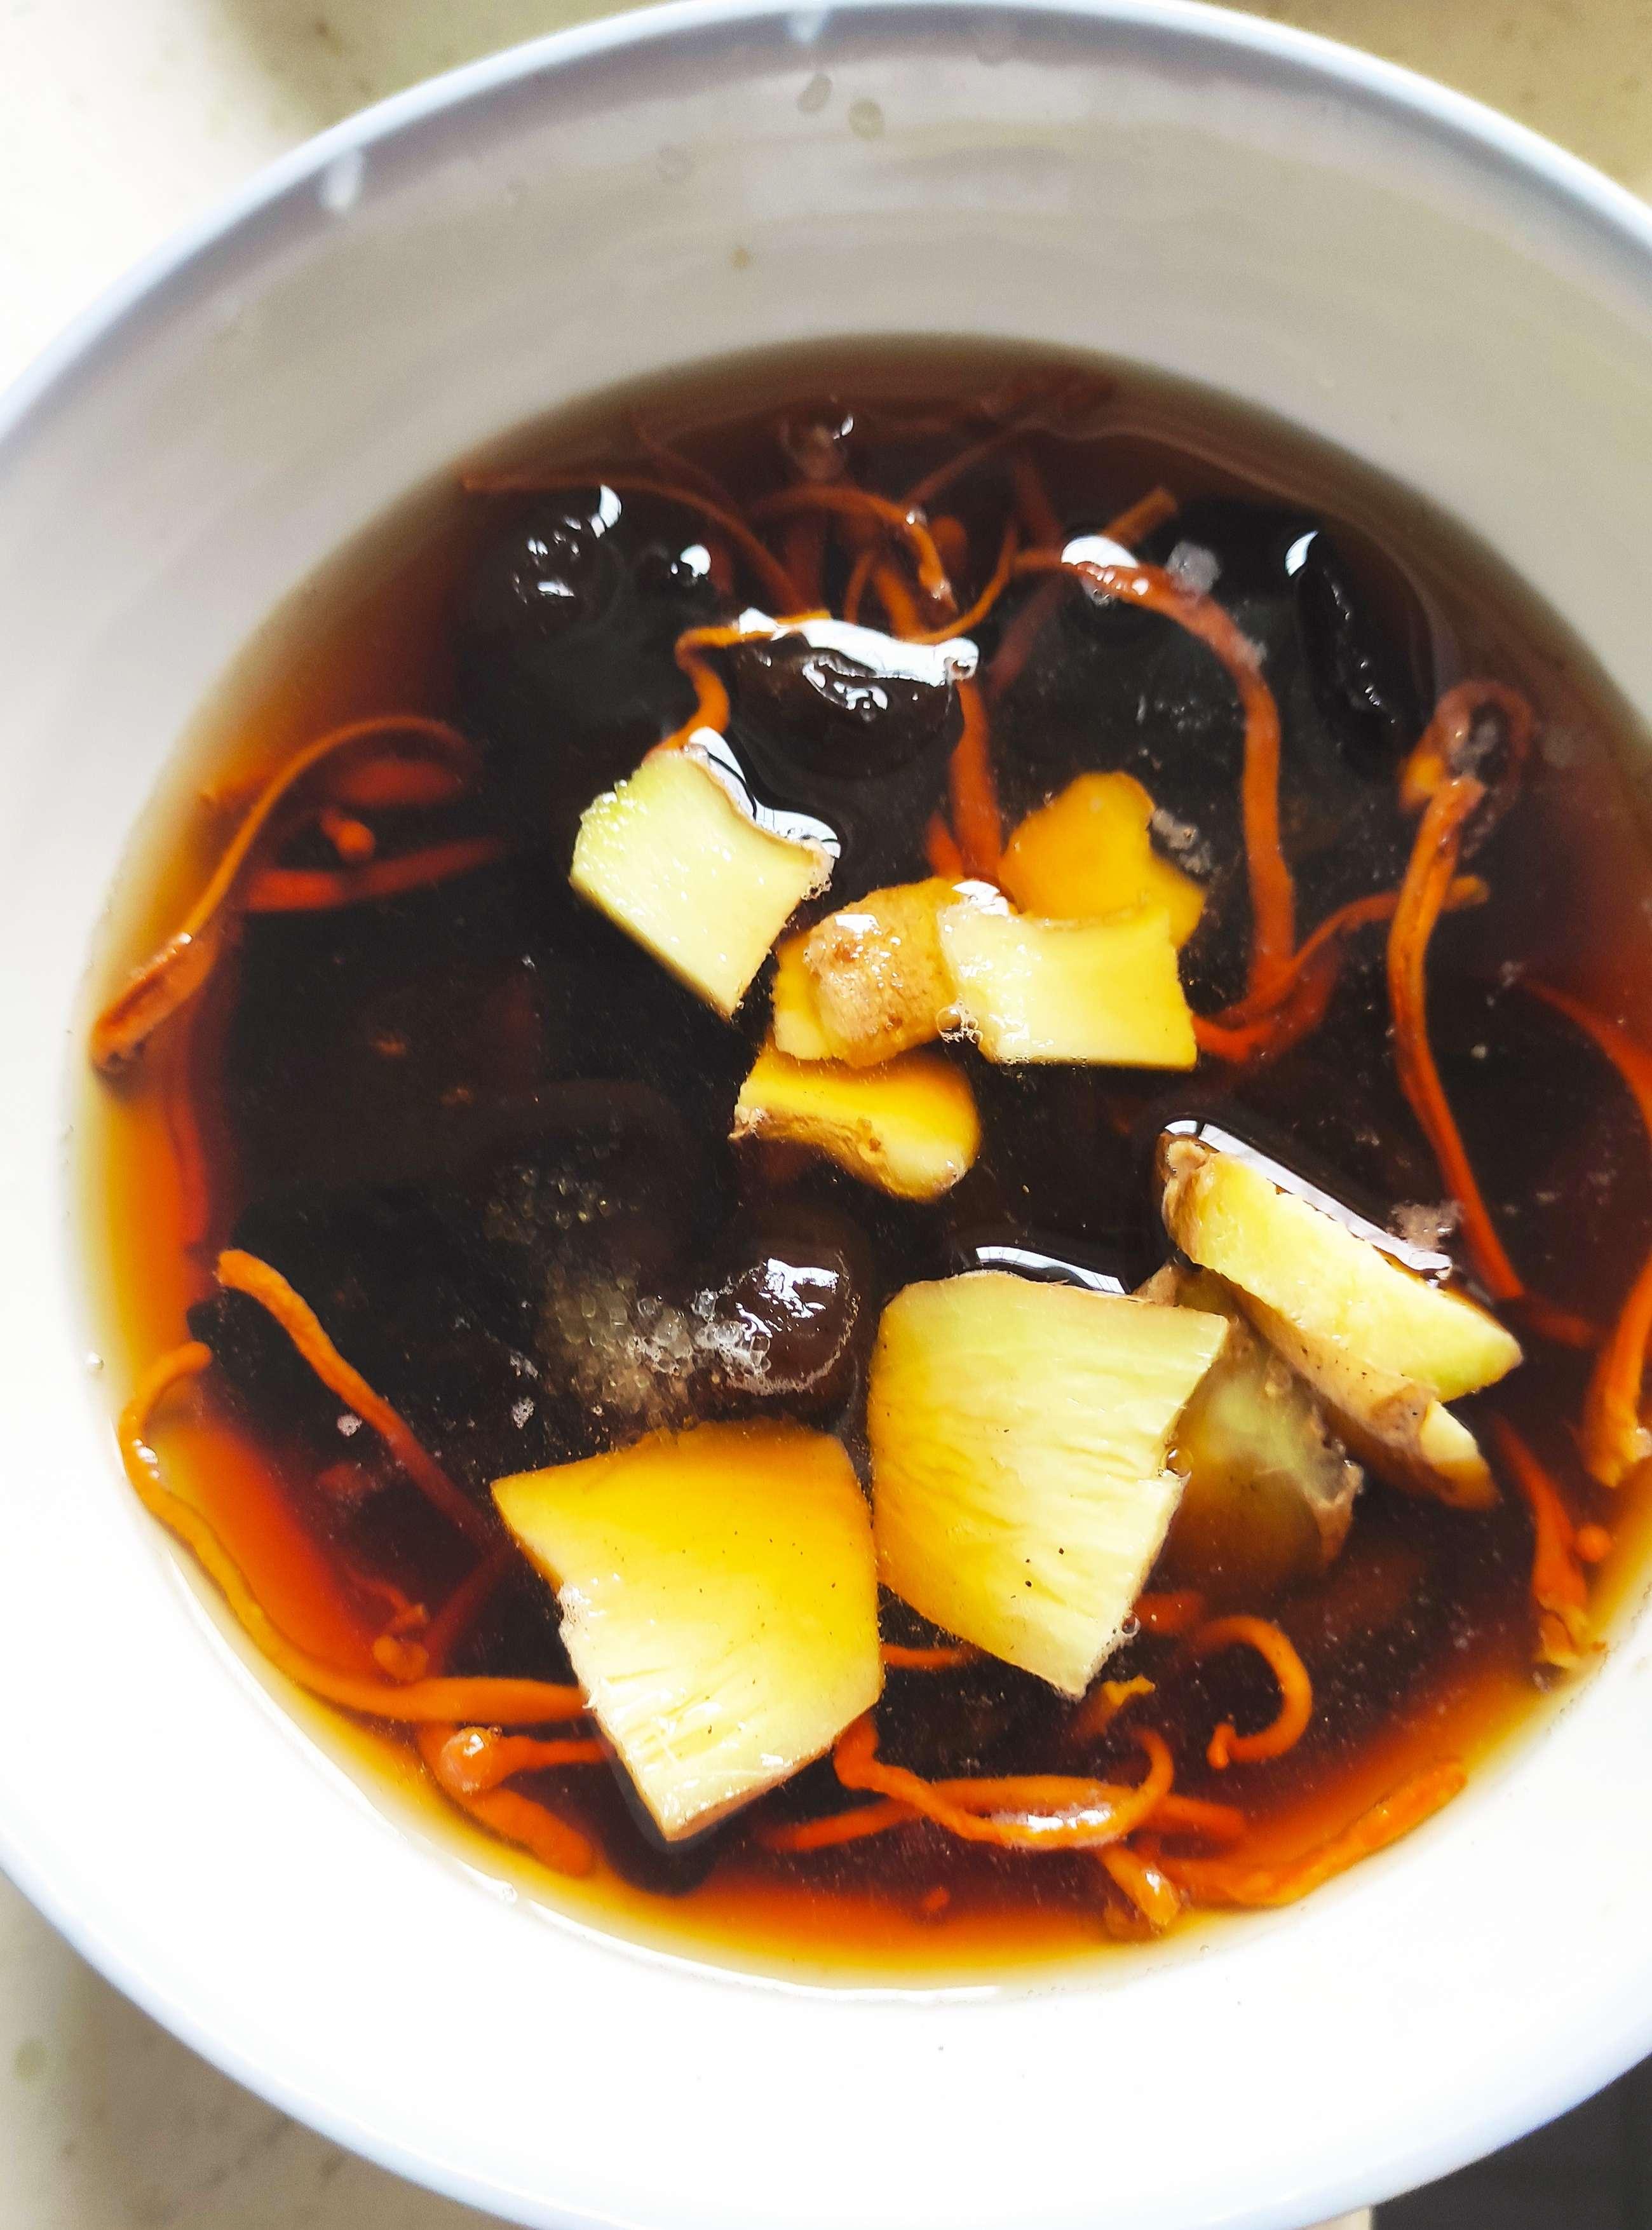 糖醋鳜鱼怎么煮